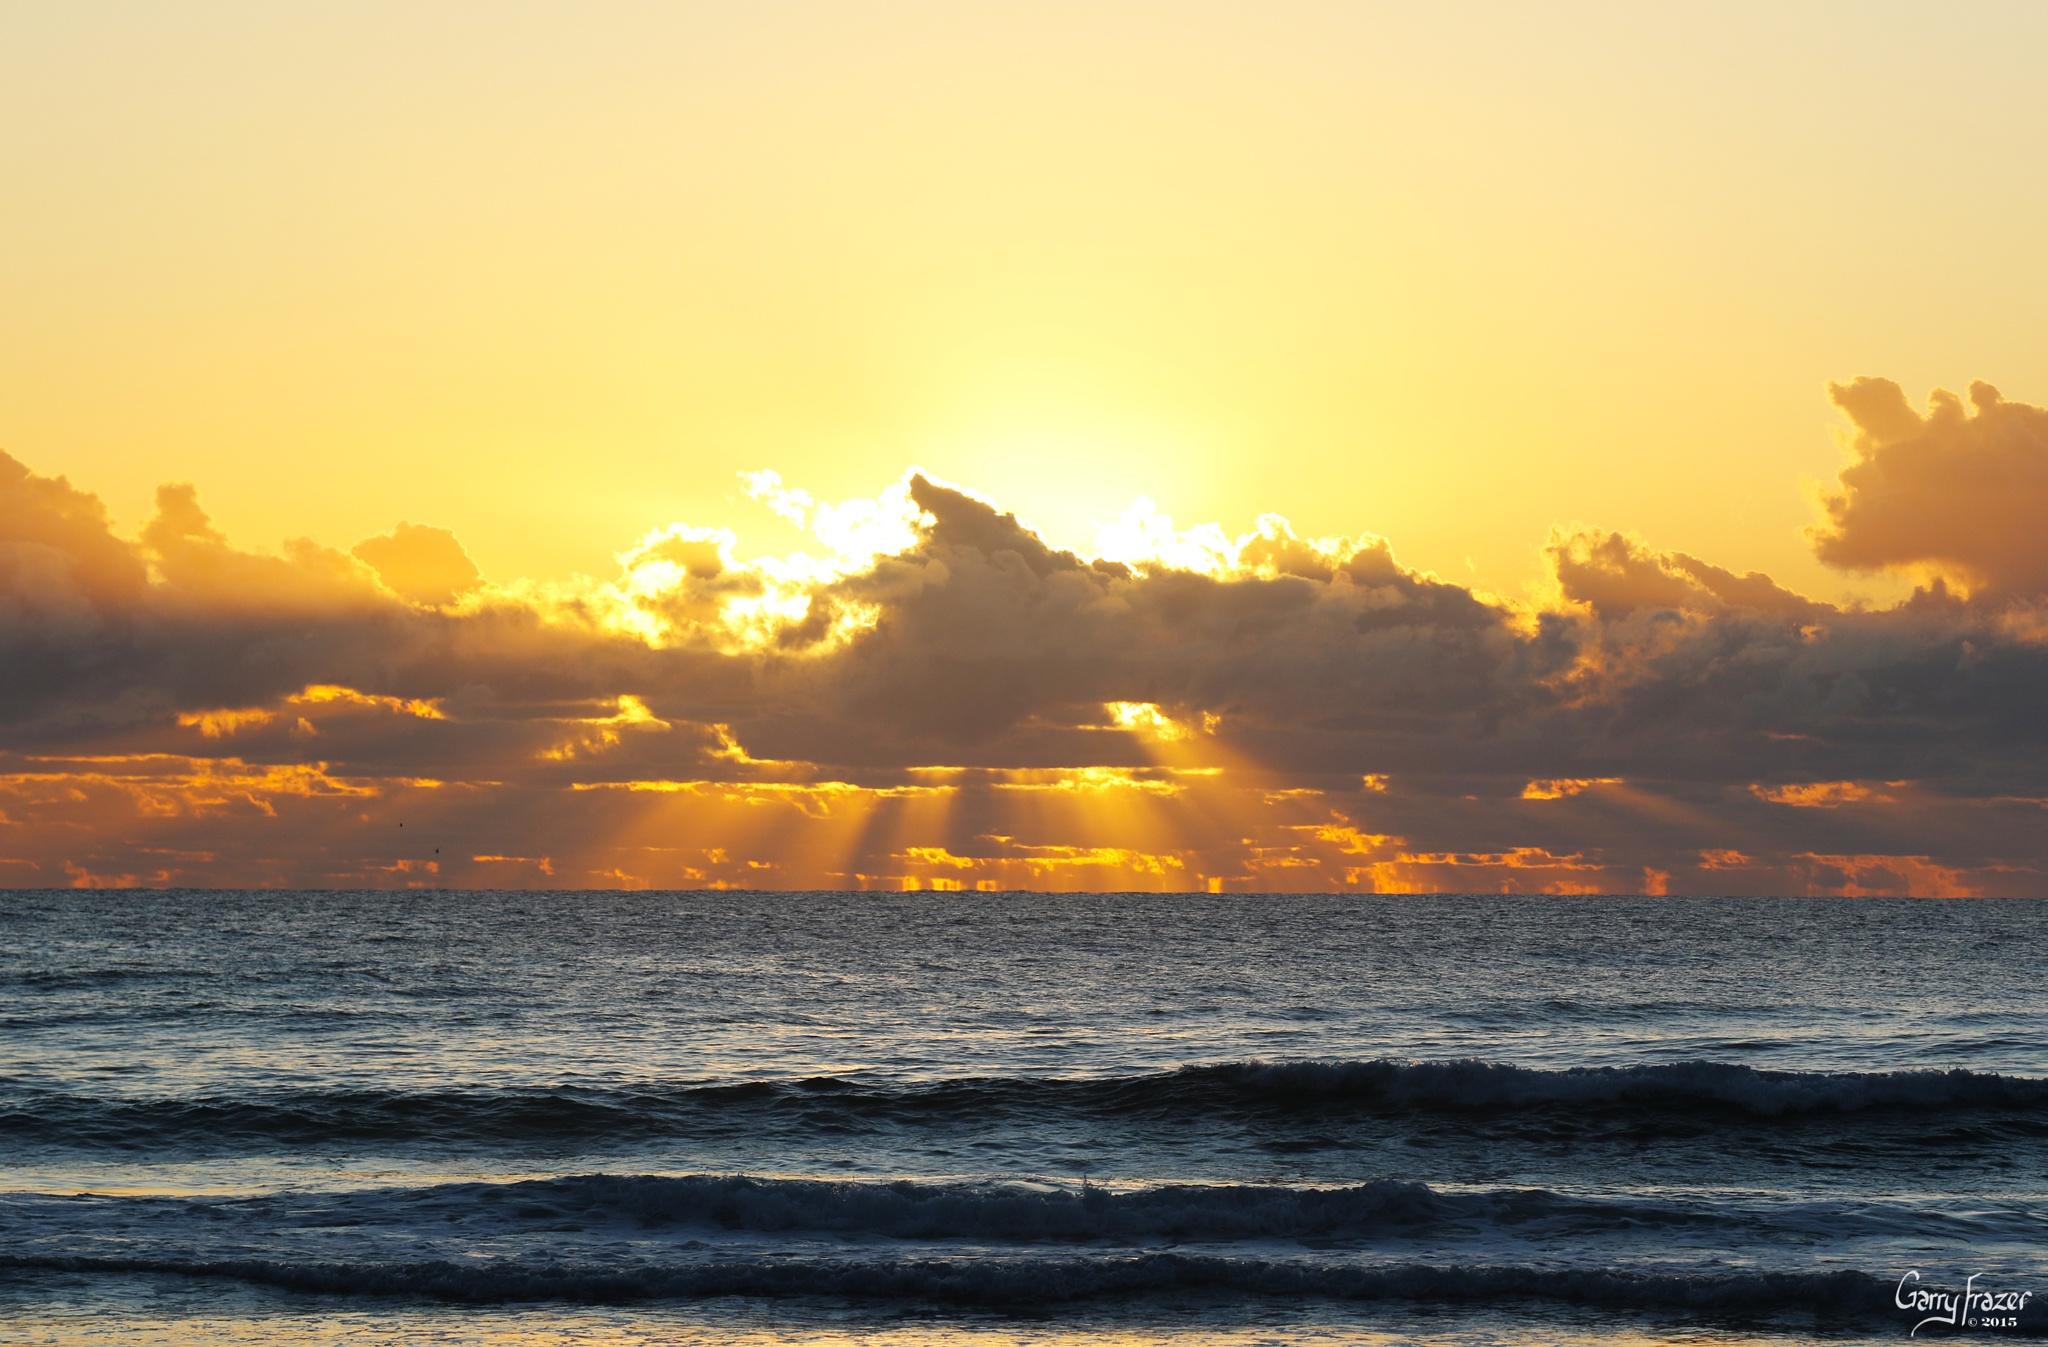 Daybreak by garry.frazer